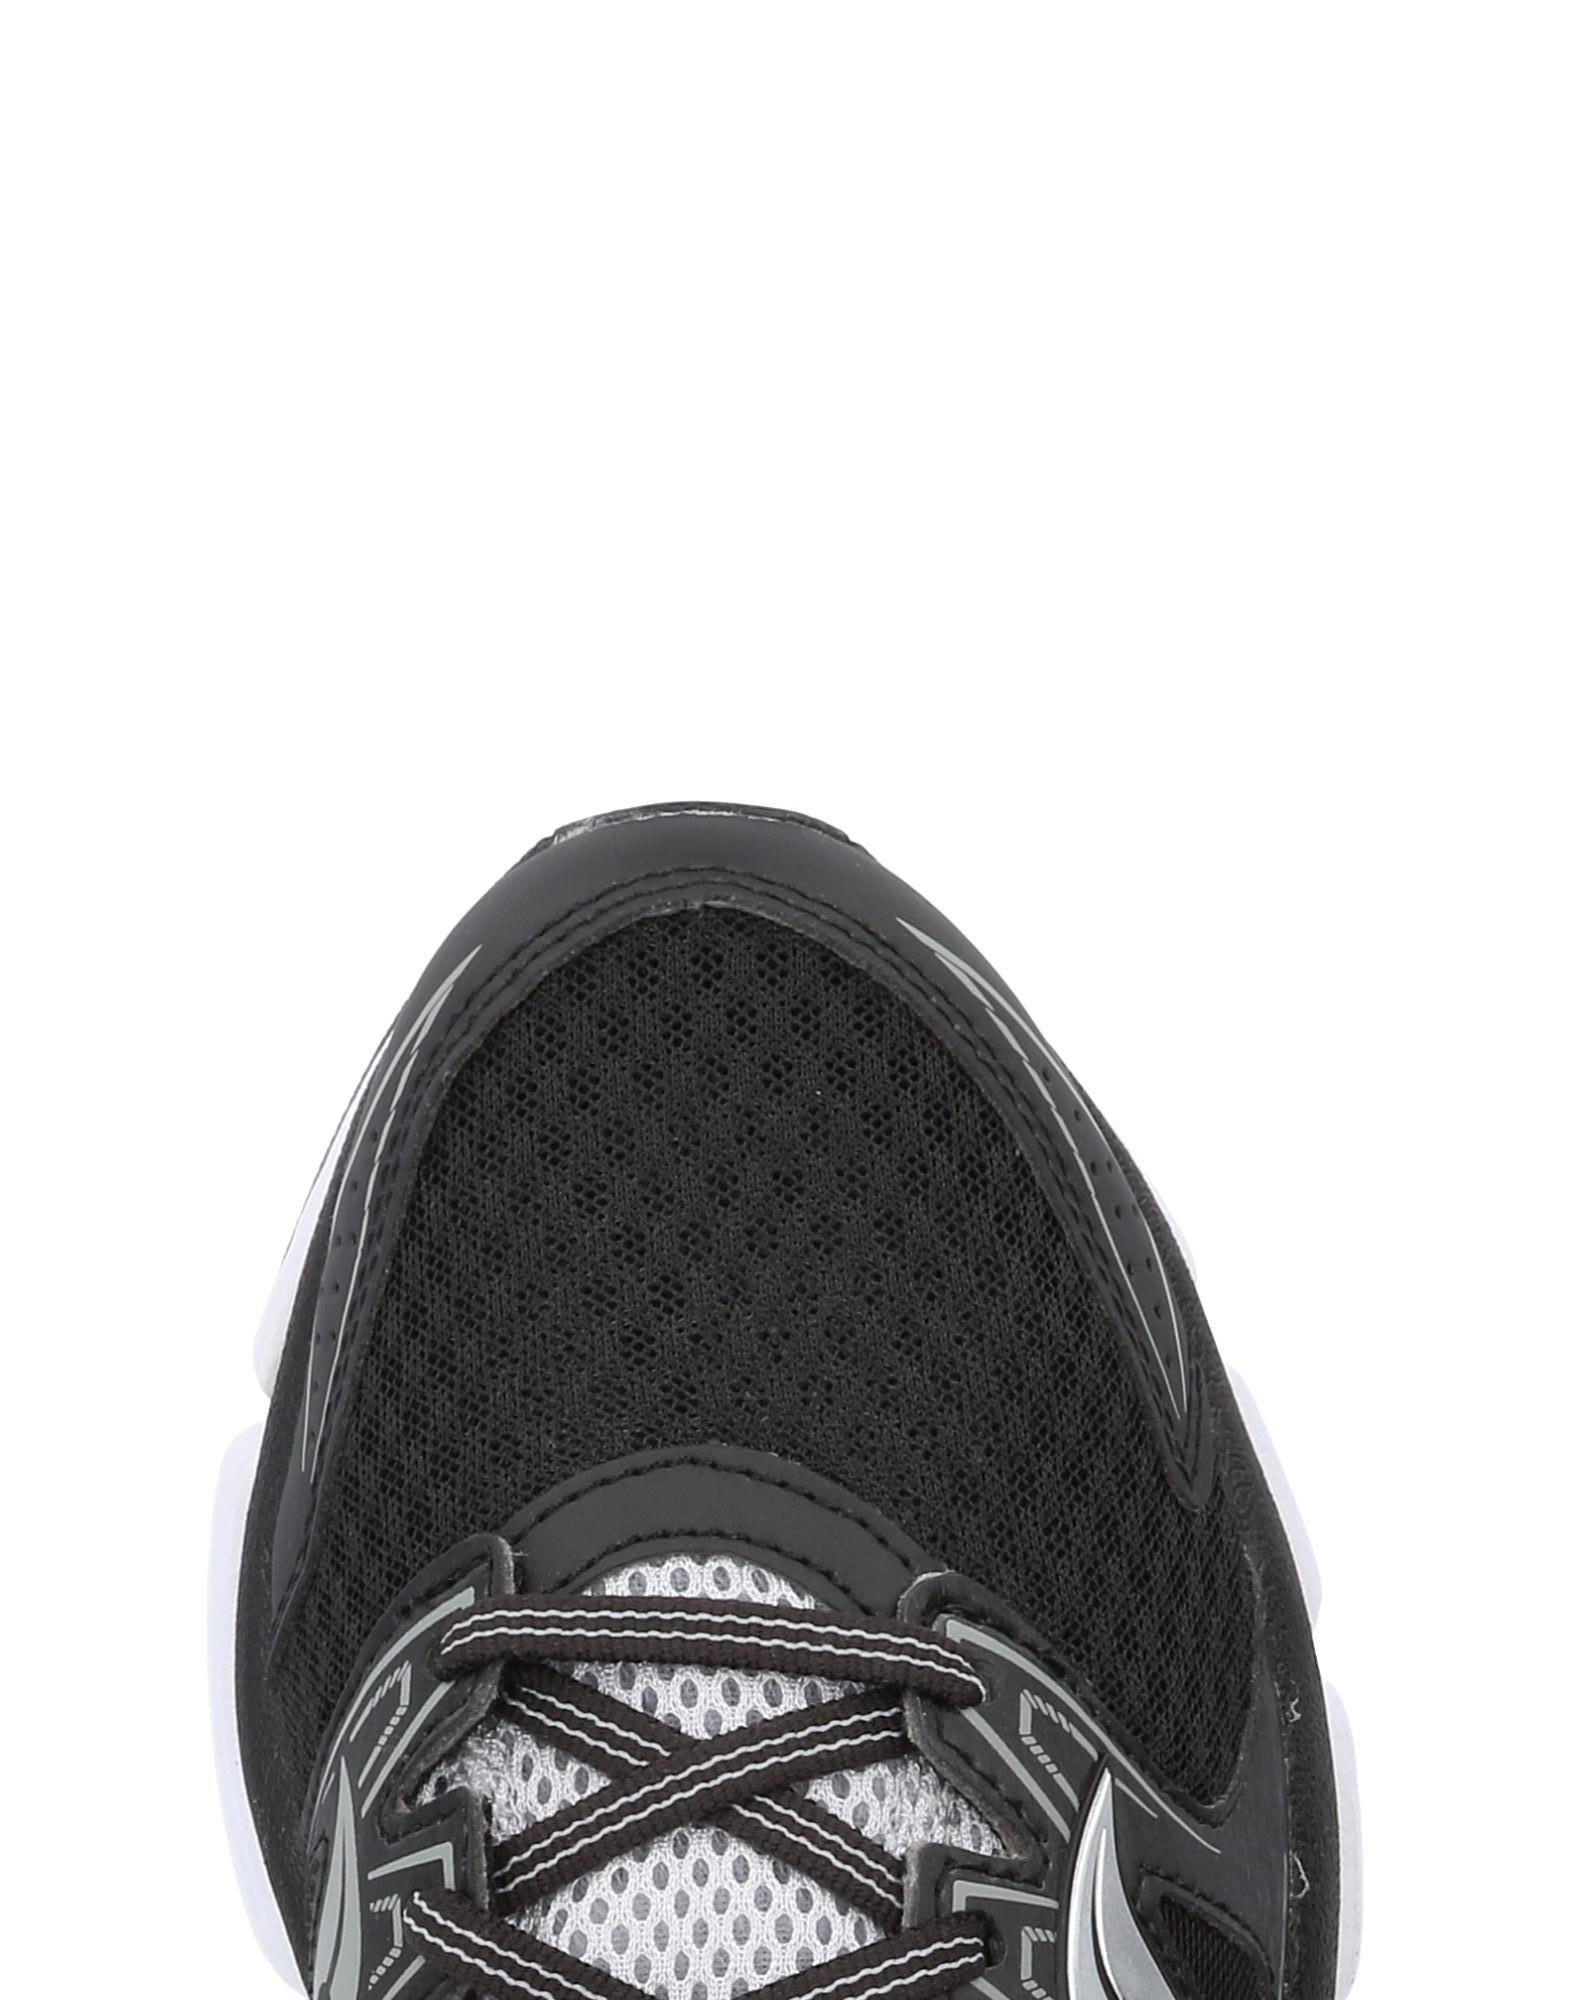 11430584RW Saucony Sneakers Herren  11430584RW  Heiße Schuhe 4959c6